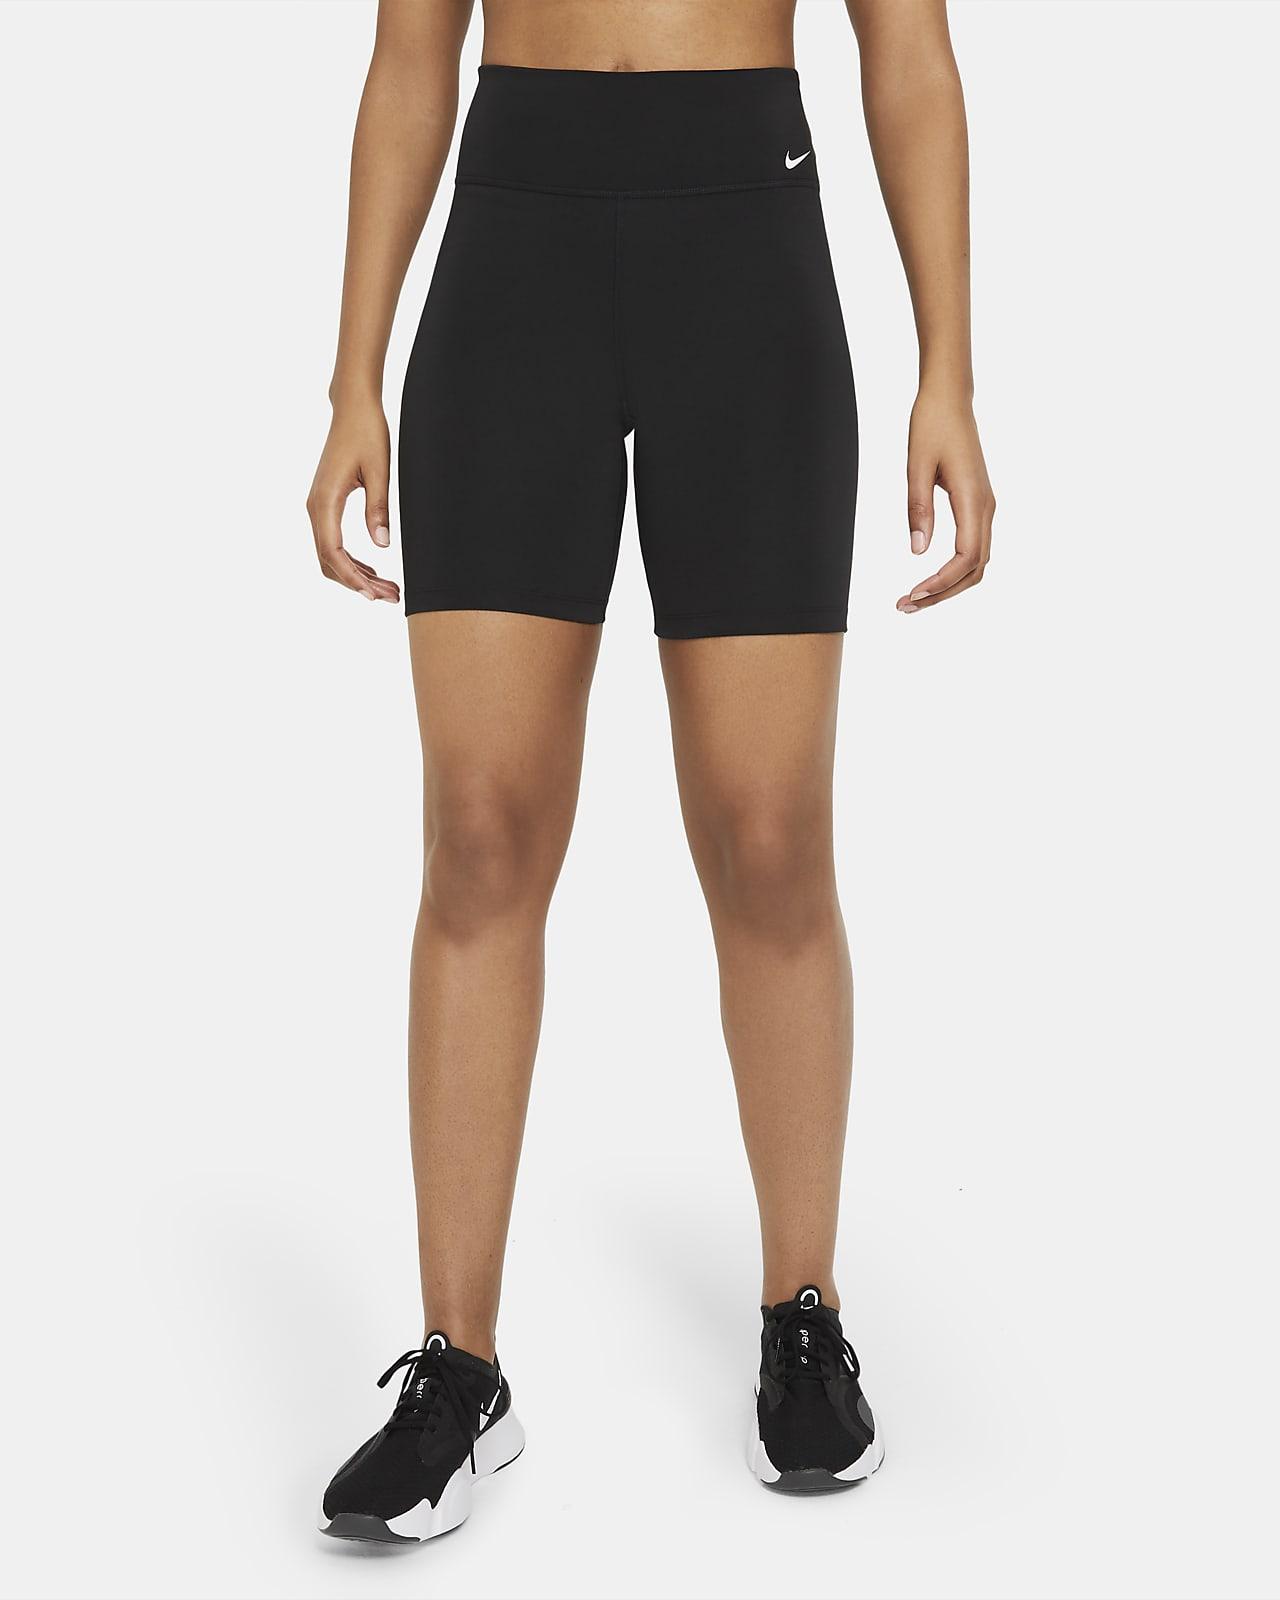 Γυναικείο σορτς ποδηλασίας μεσαίου ύψους Nike One 18 cm